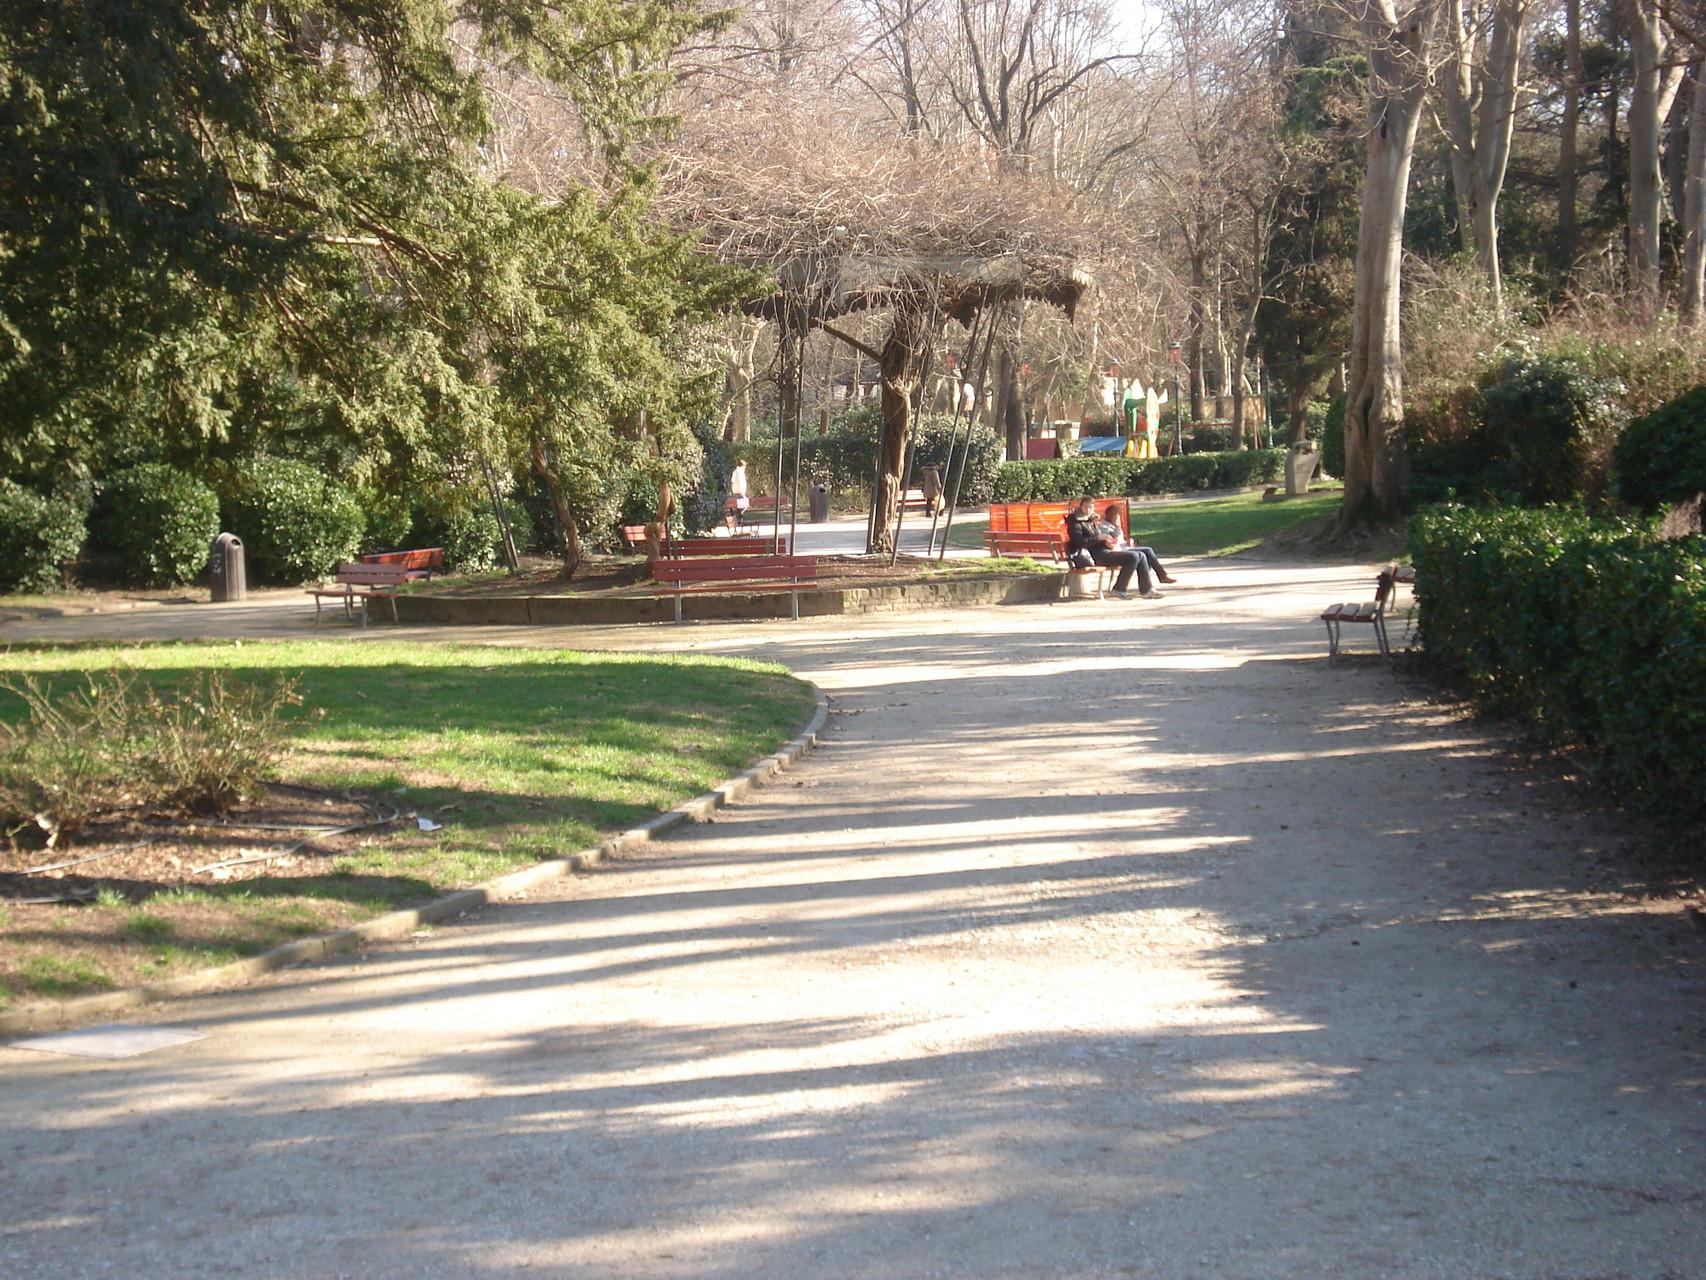 Giardini della Biennale - 2 minutes walk